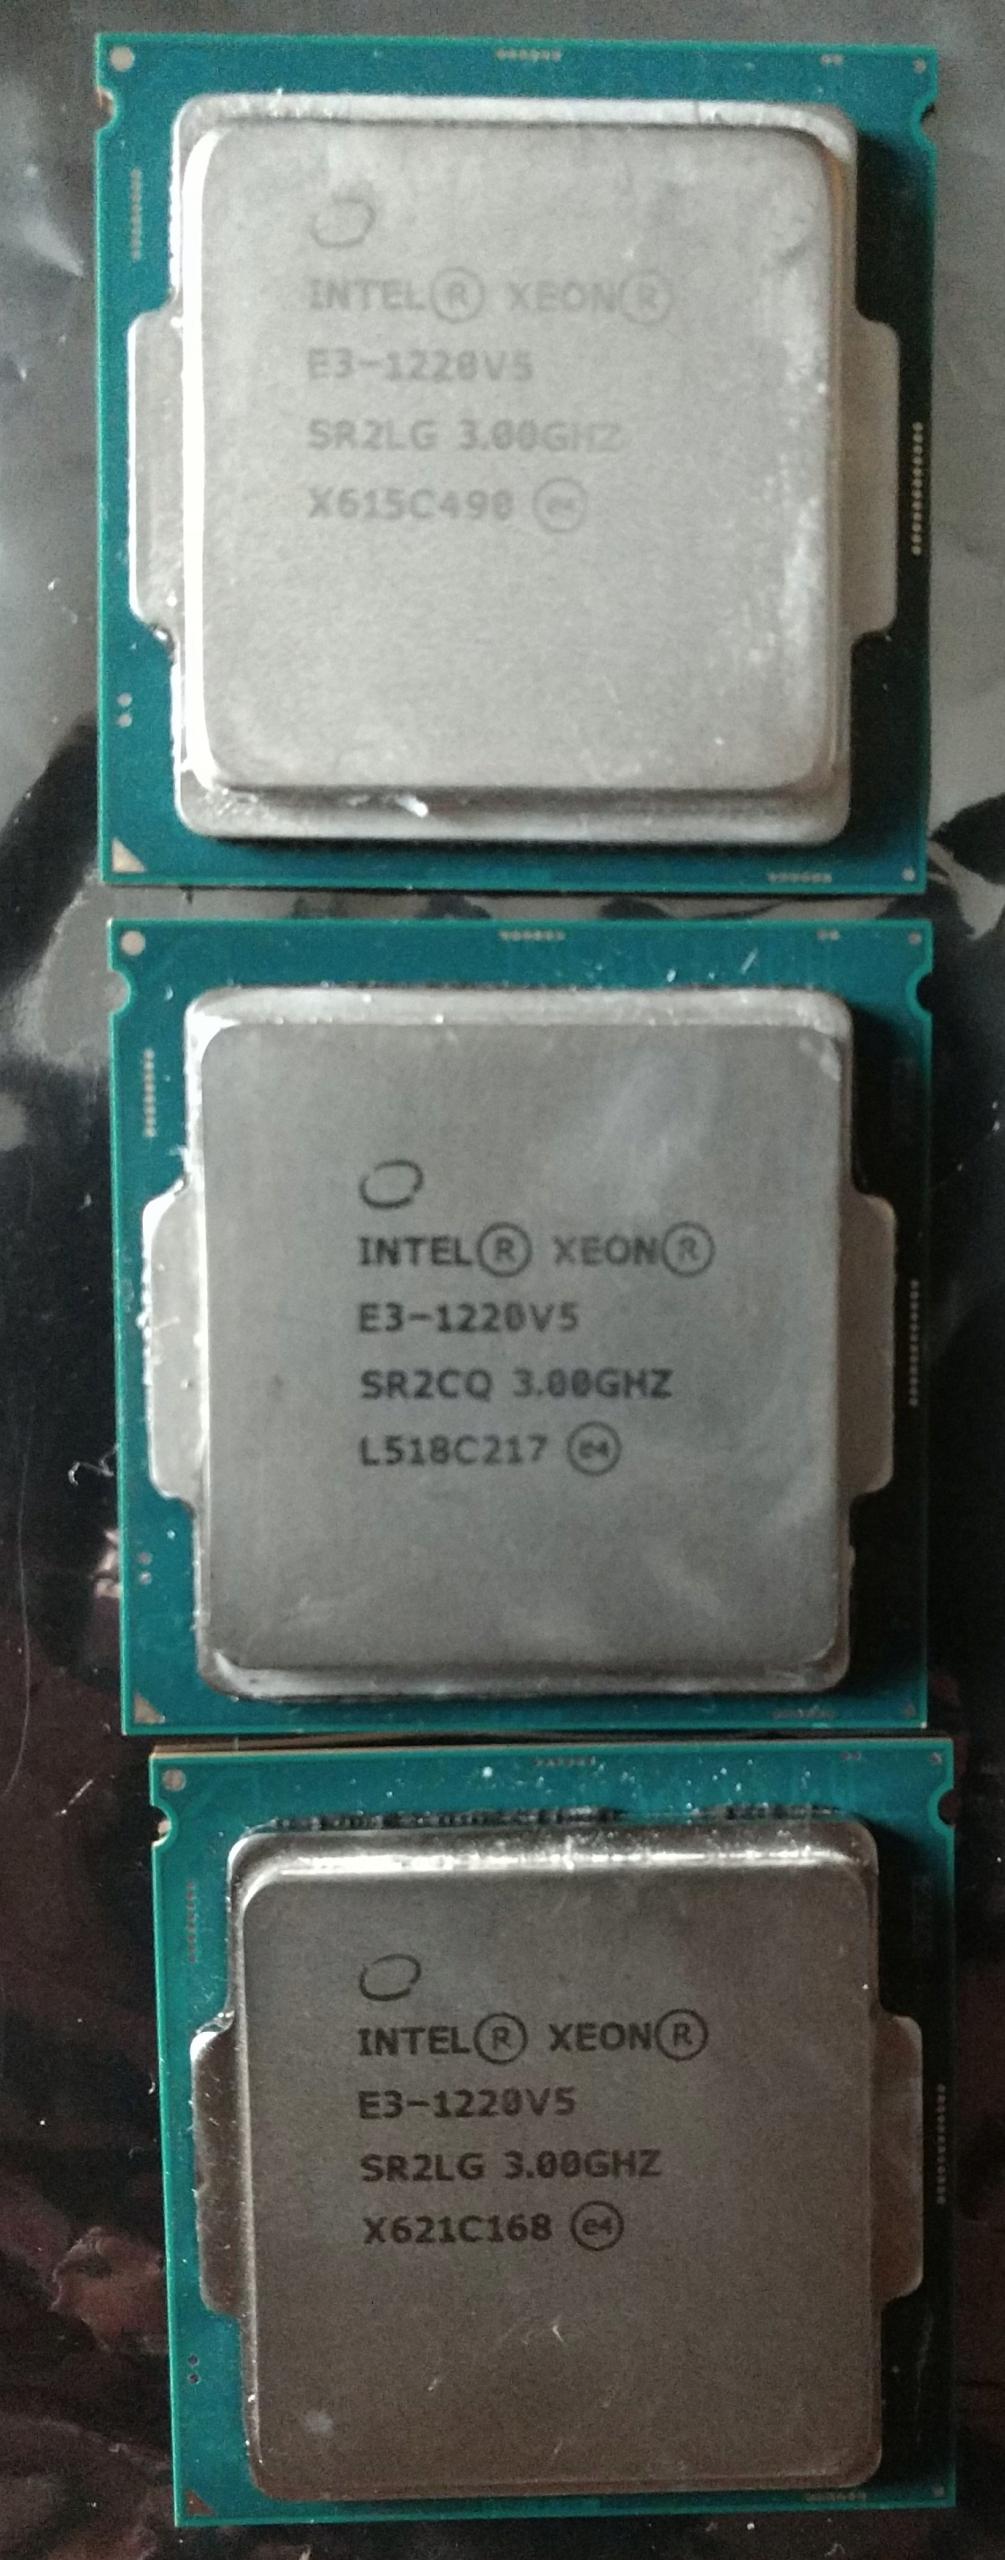 3 x Procesor Intel Xeon E3-1220 v5 3.00GHZ